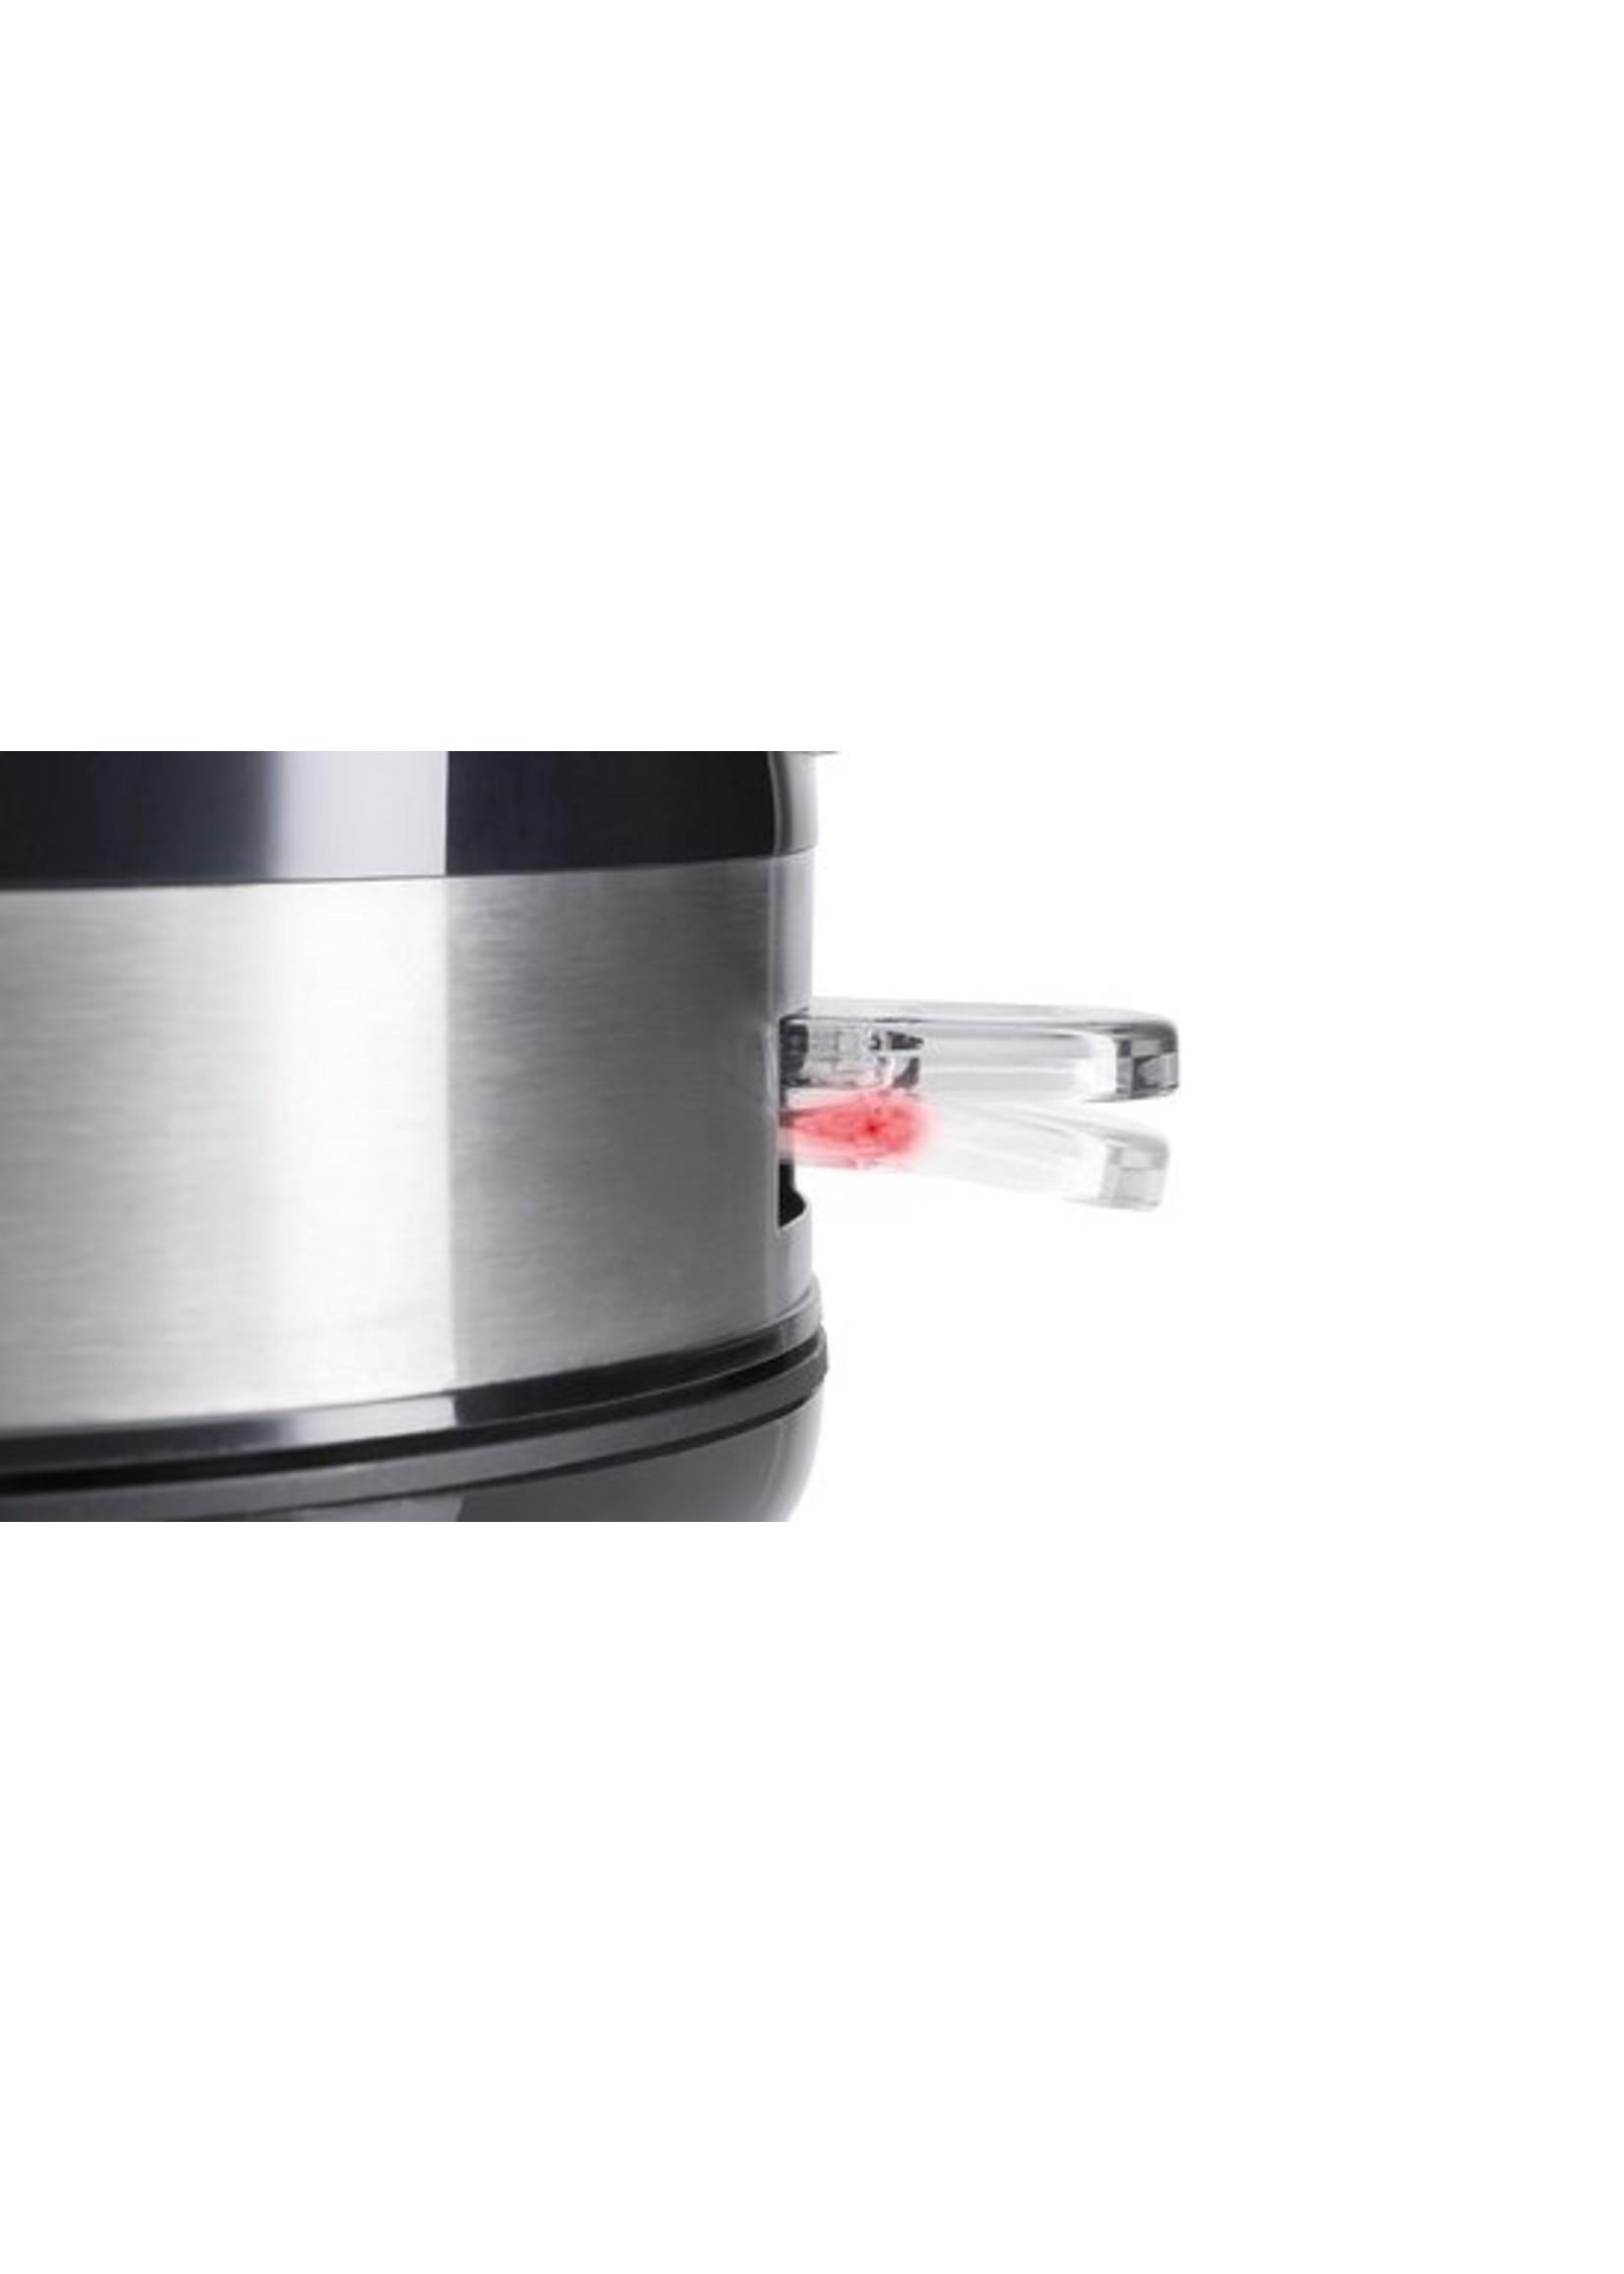 Bosch Bosch TWK7403 - Waterkoker - Zwart